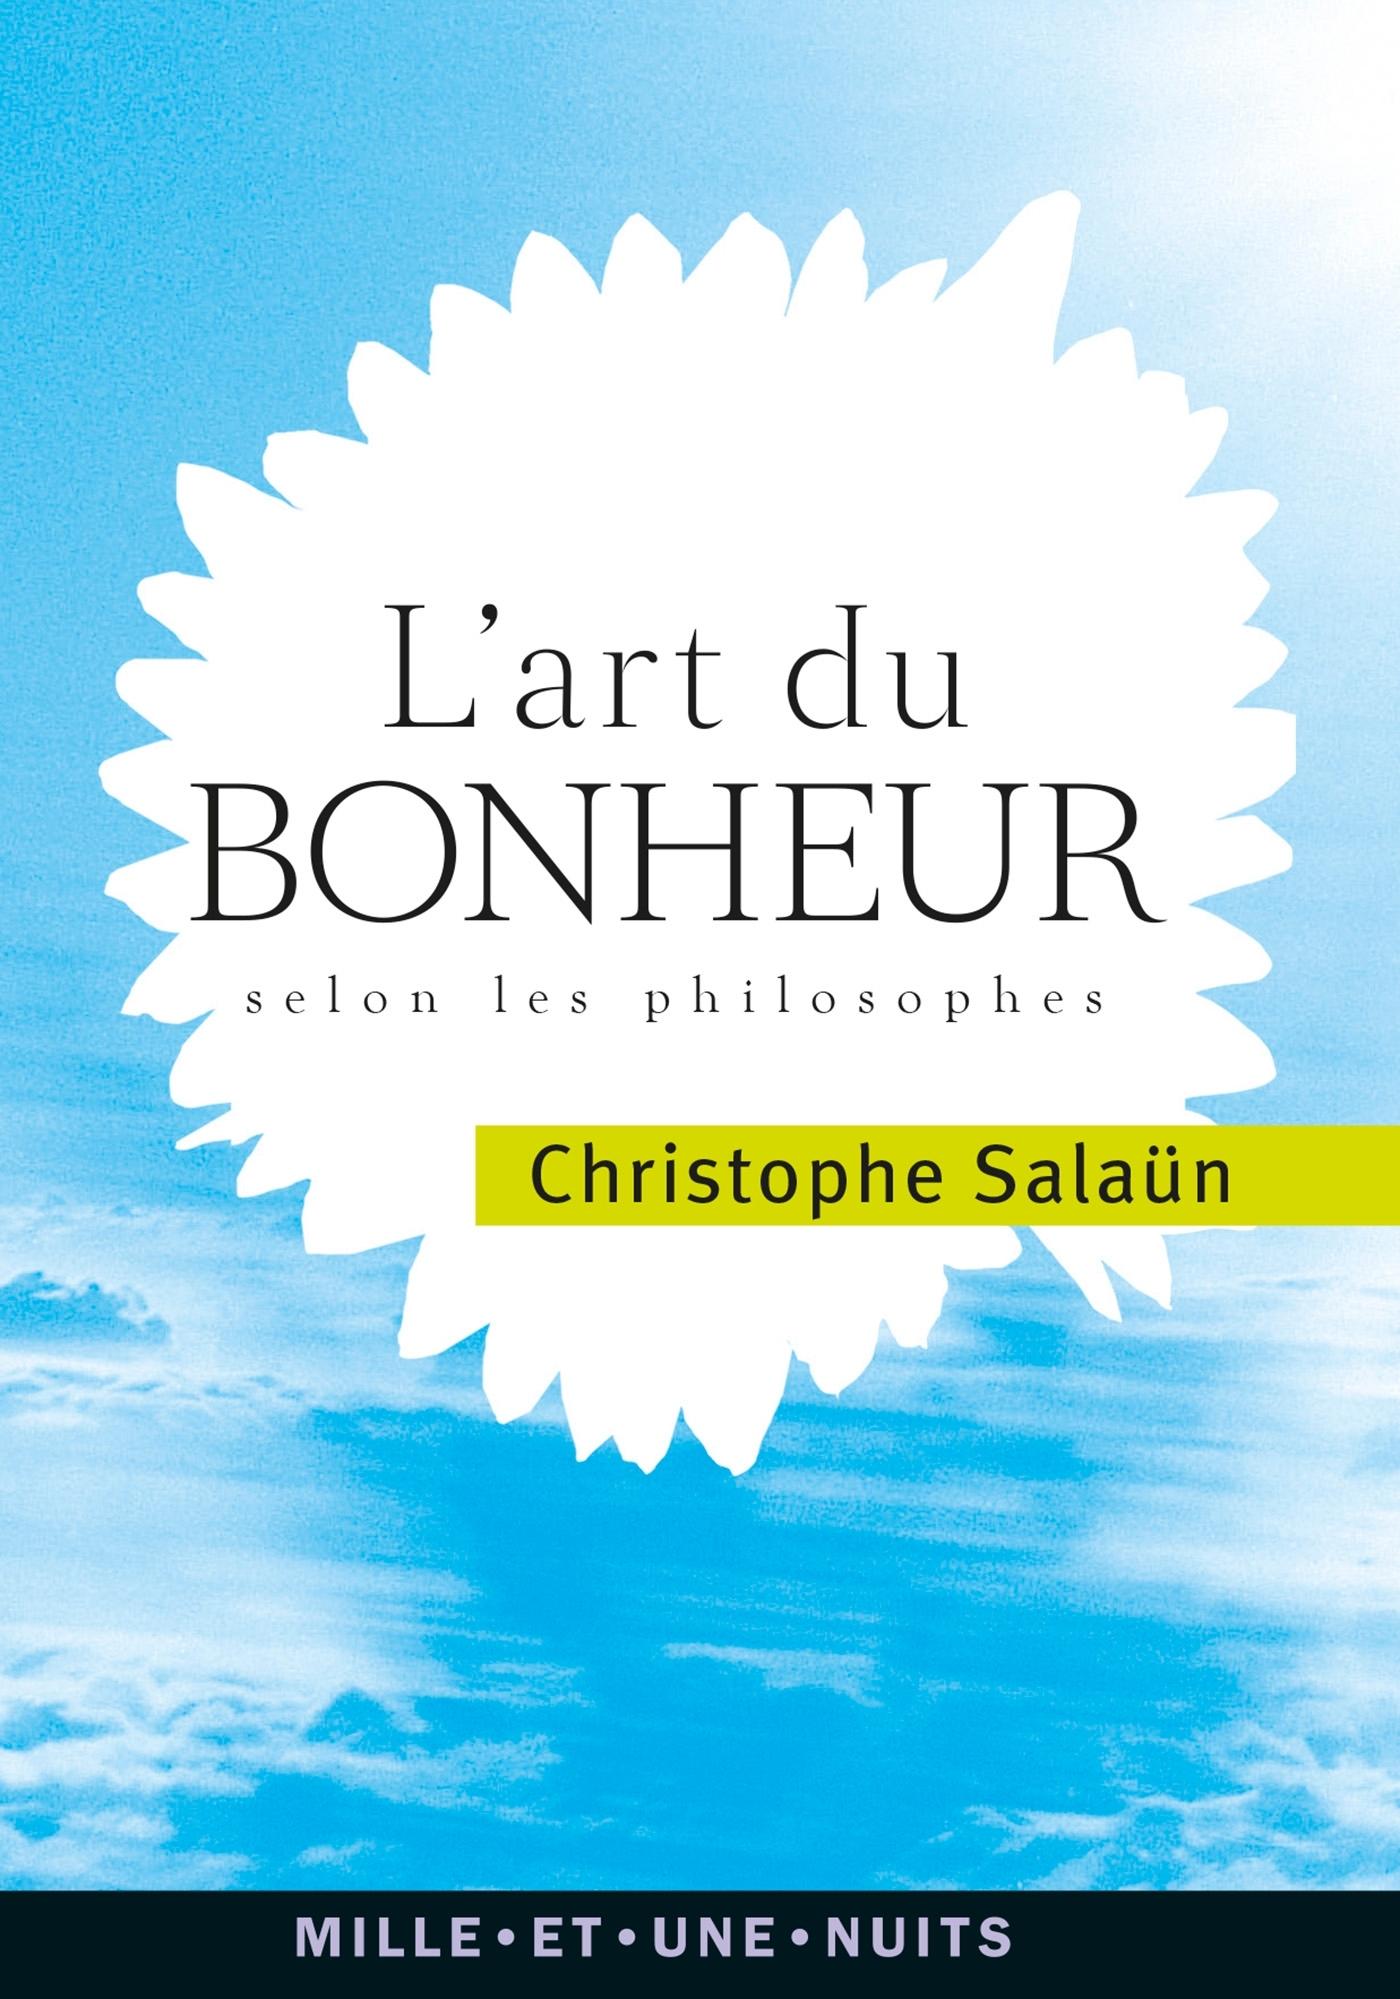 L'ART DU BONHEUR - SELON LES PHILOSOPHES